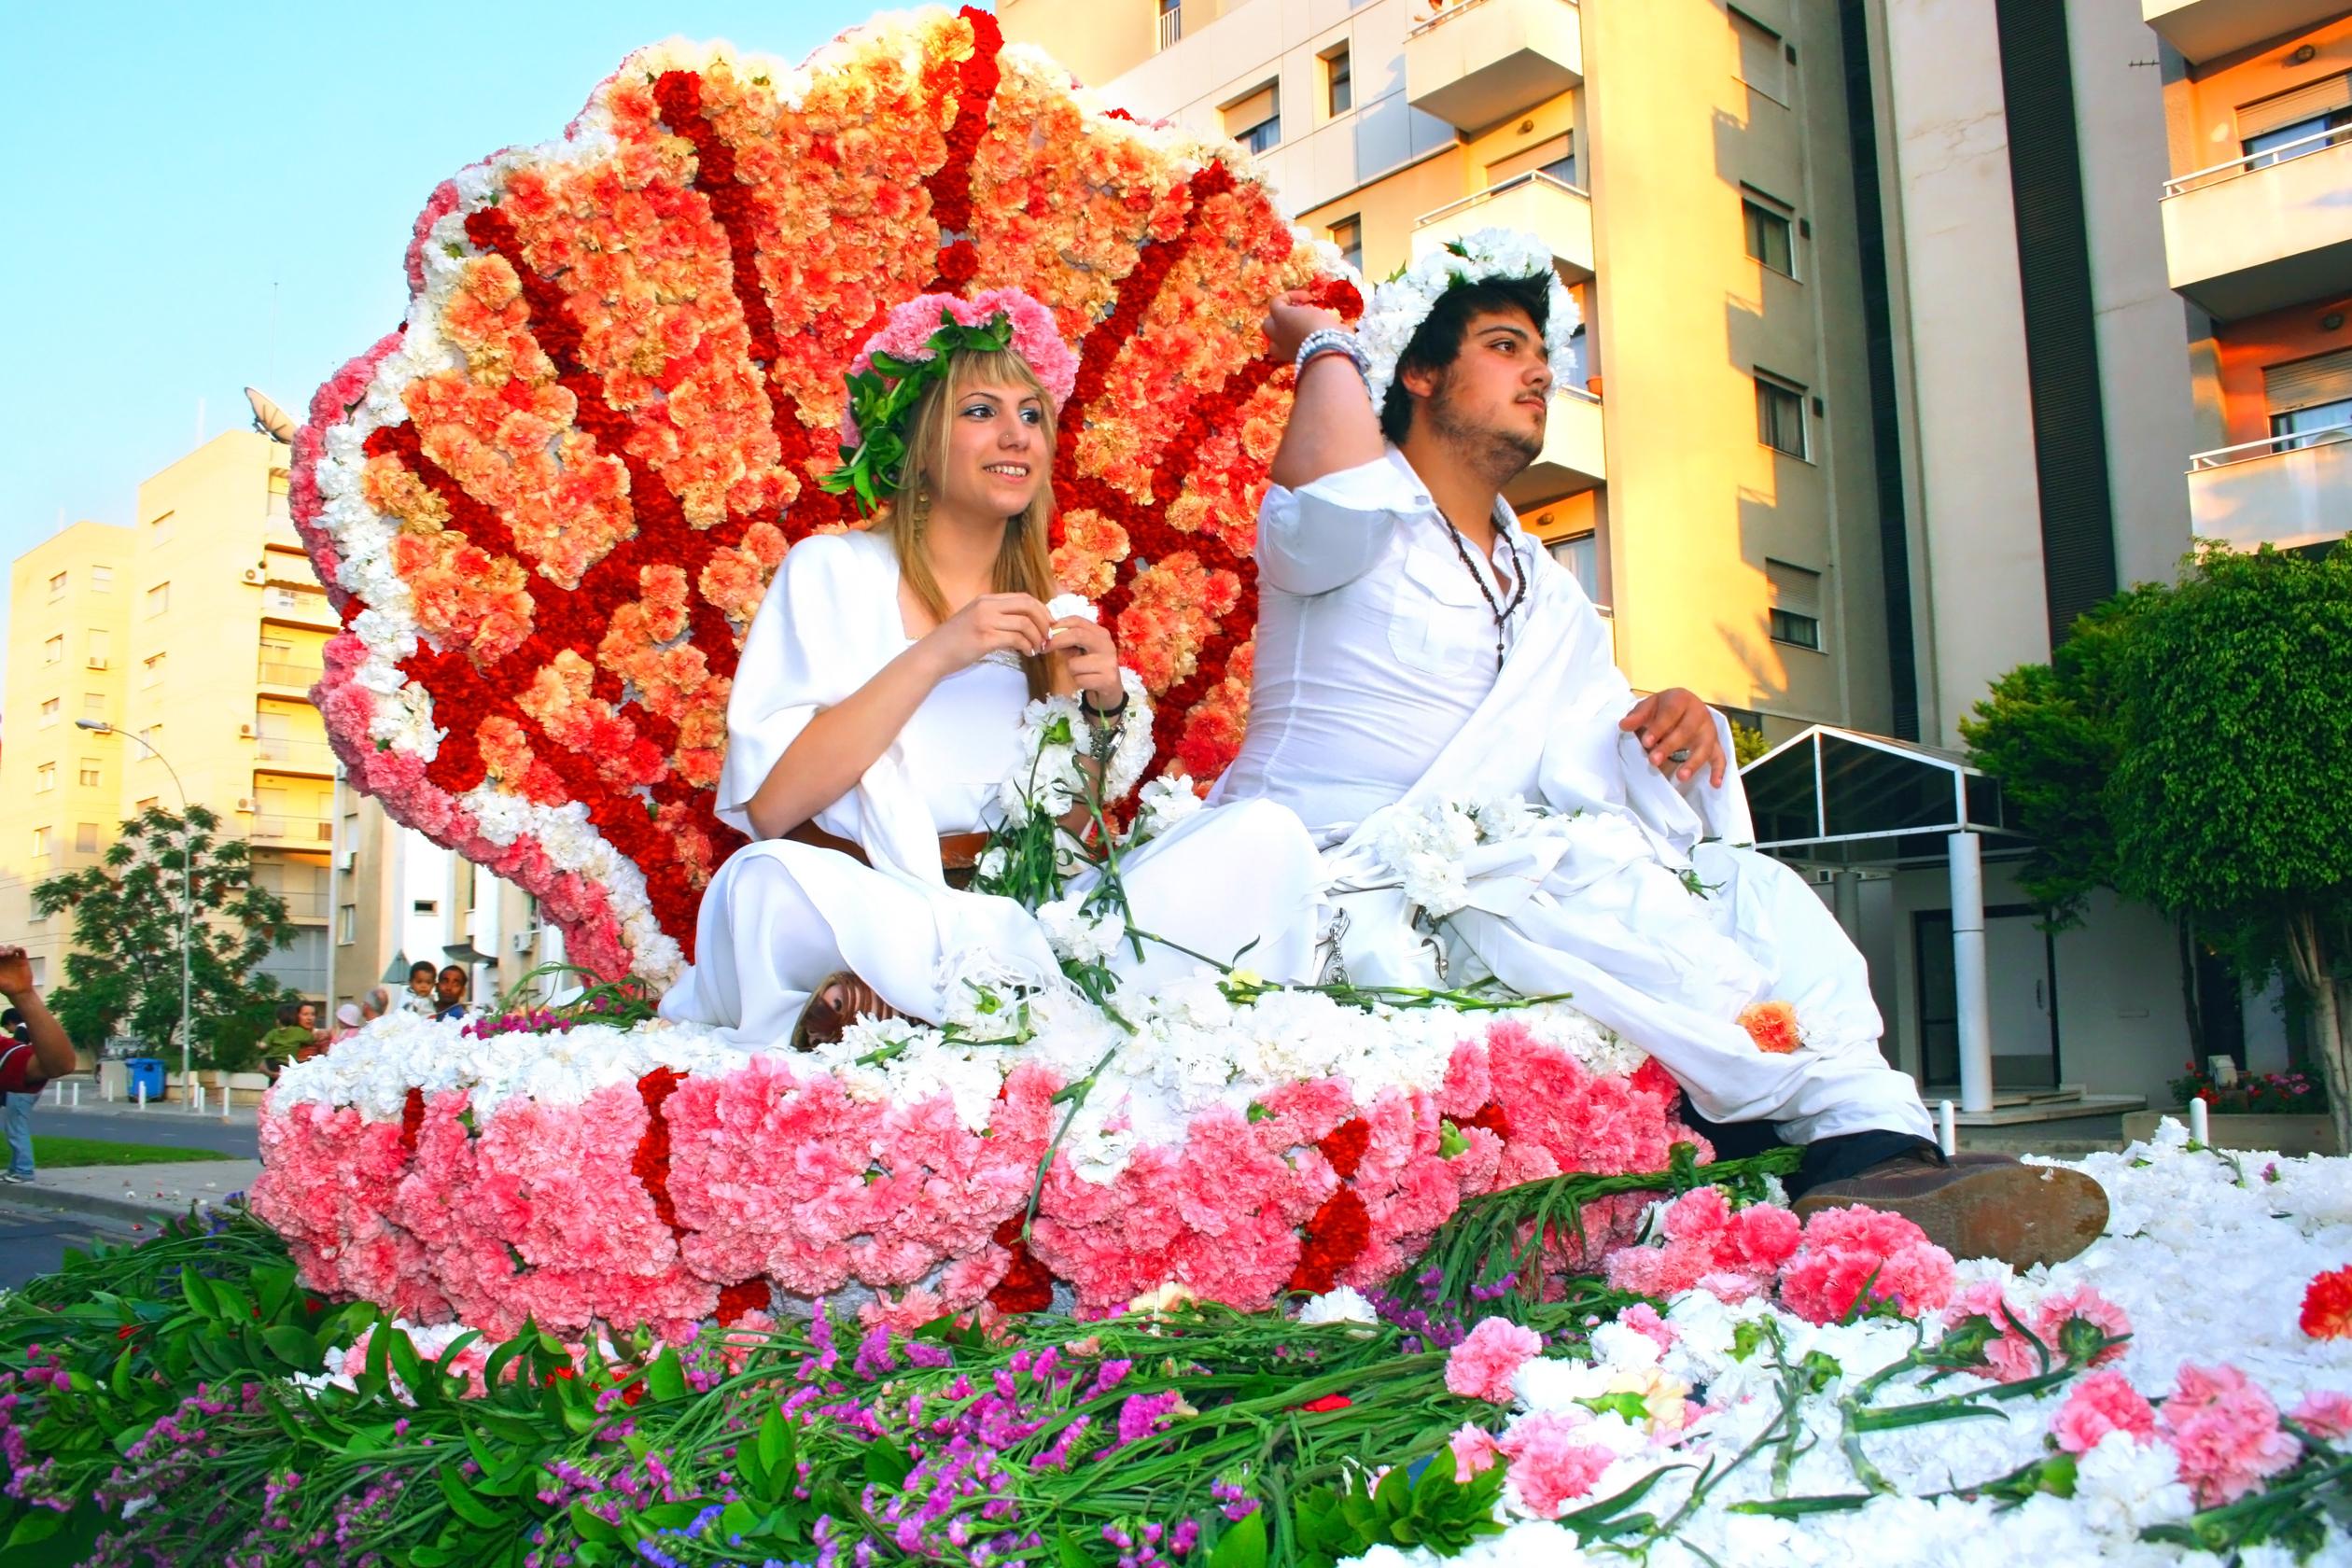 Сегодня на Кипре отмечают древний праздник цветов и весны